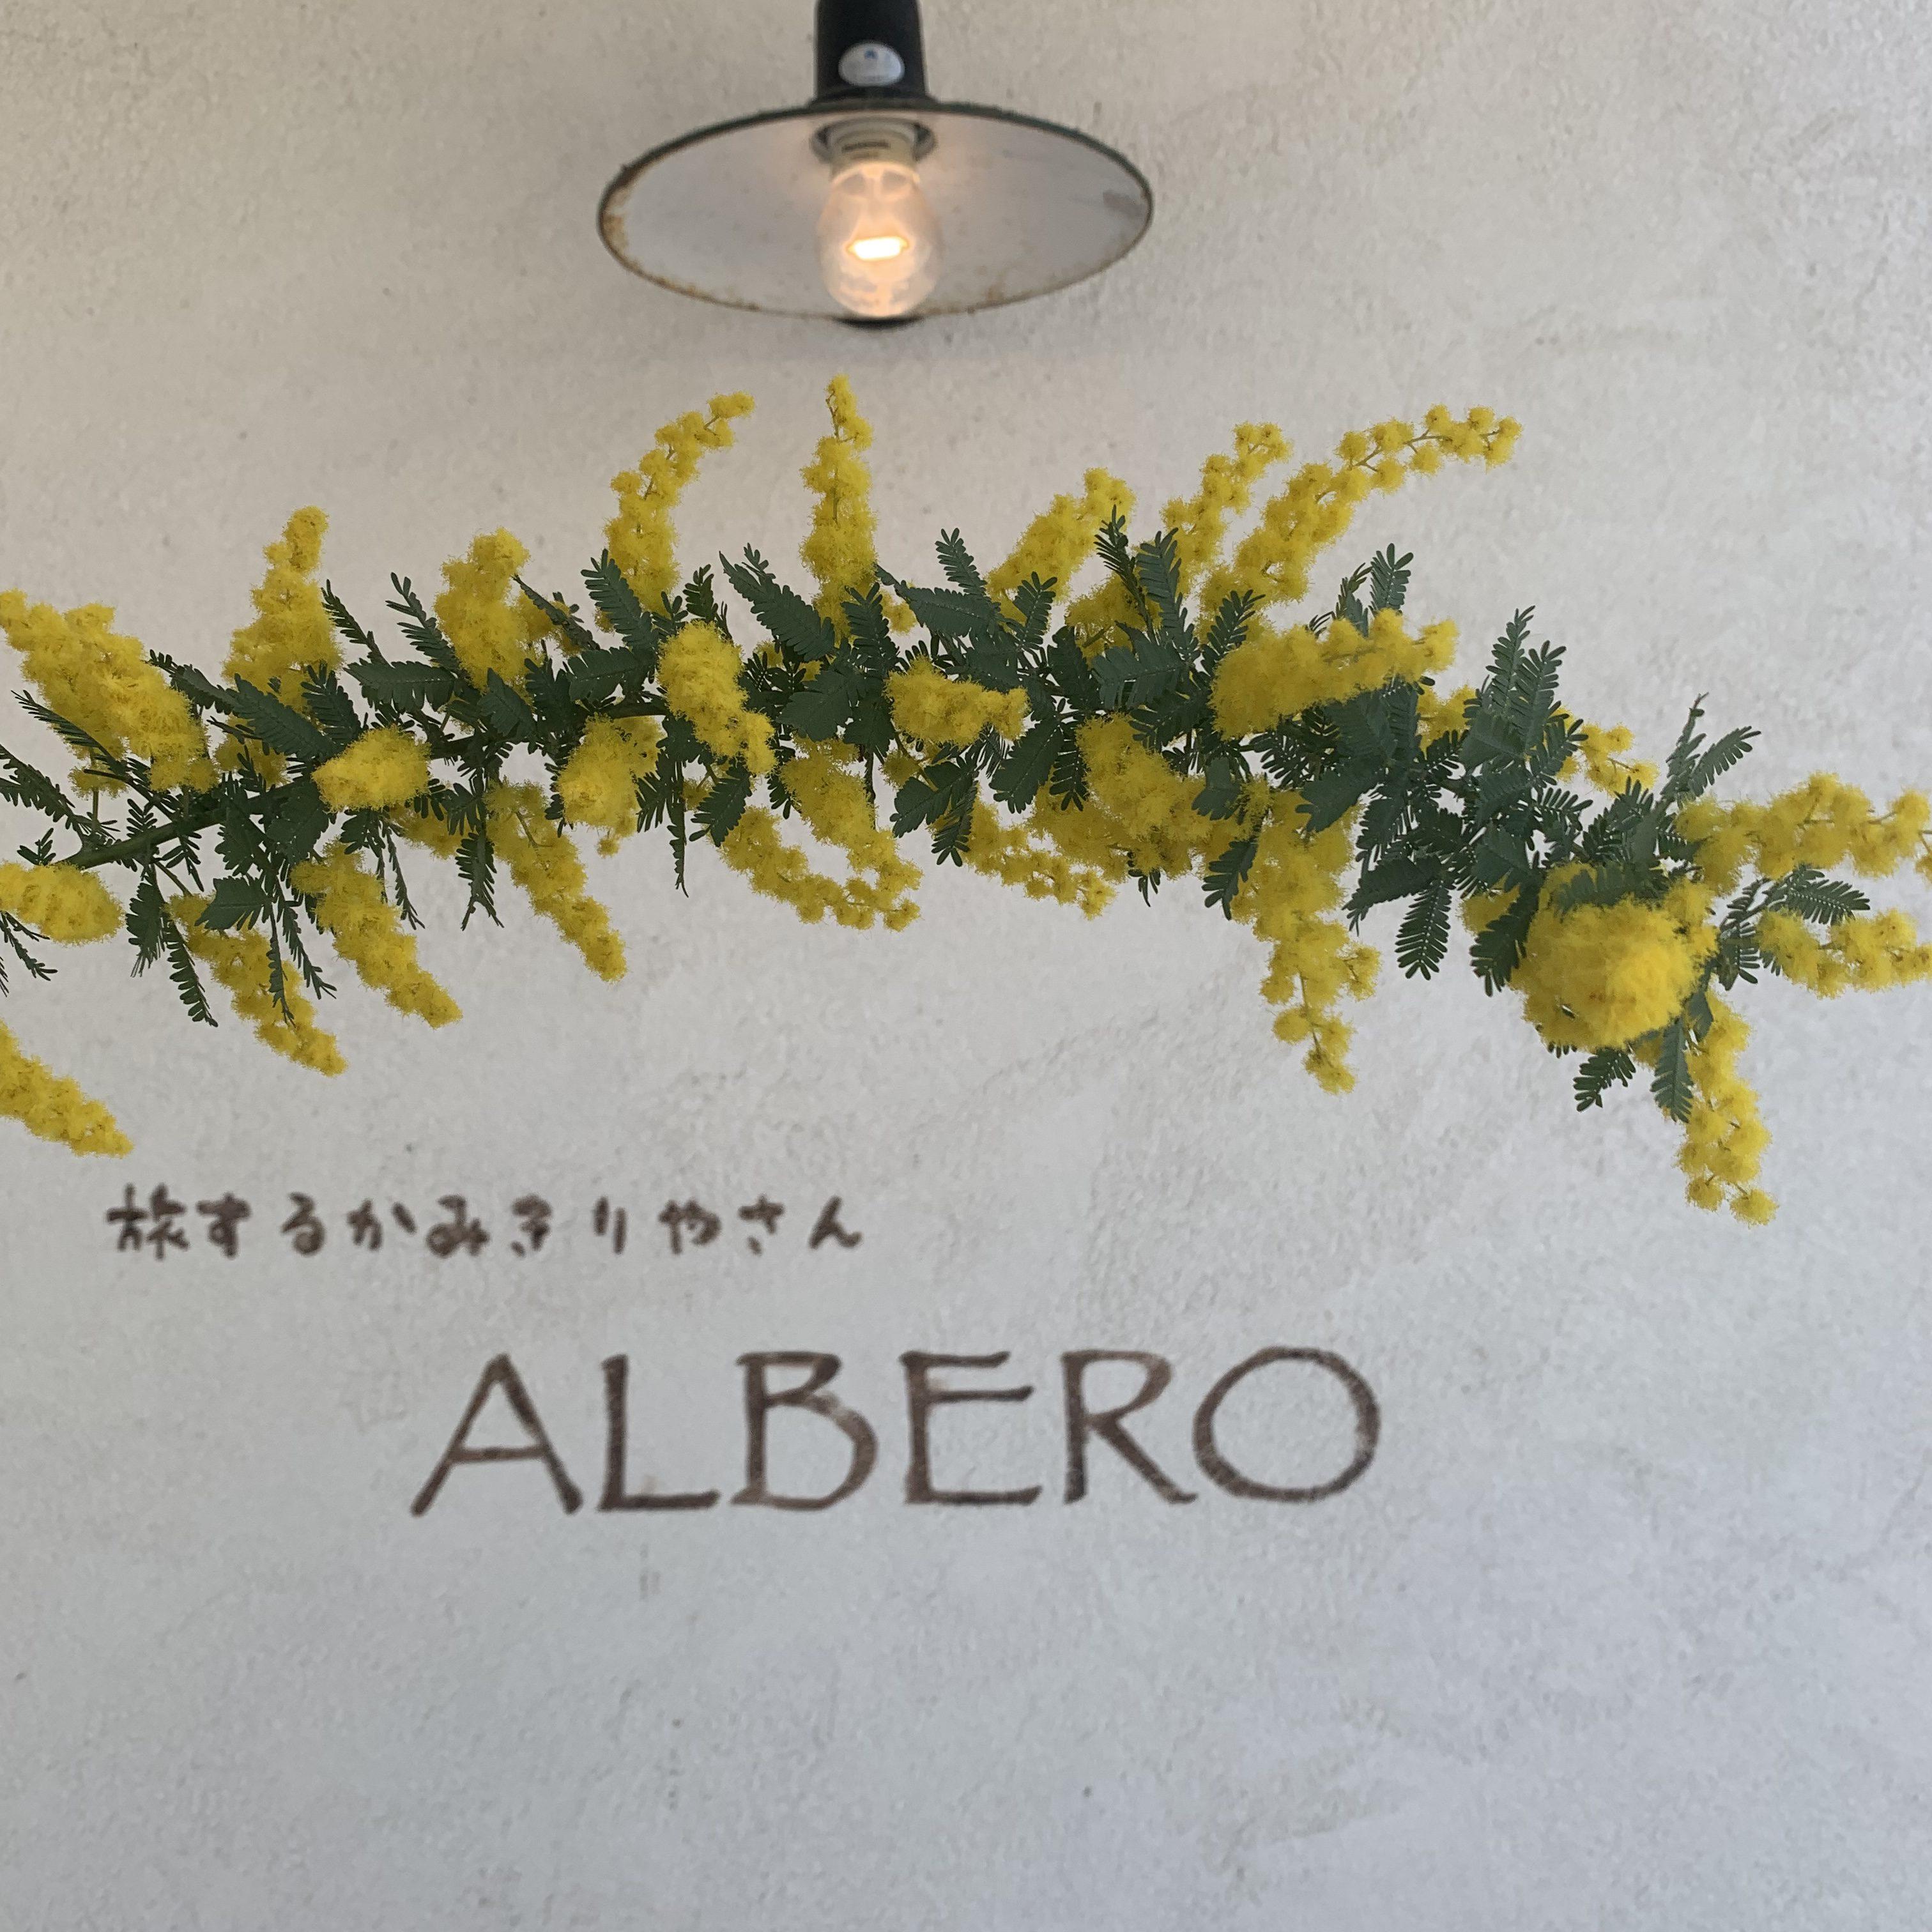 ALBEROのブログについて